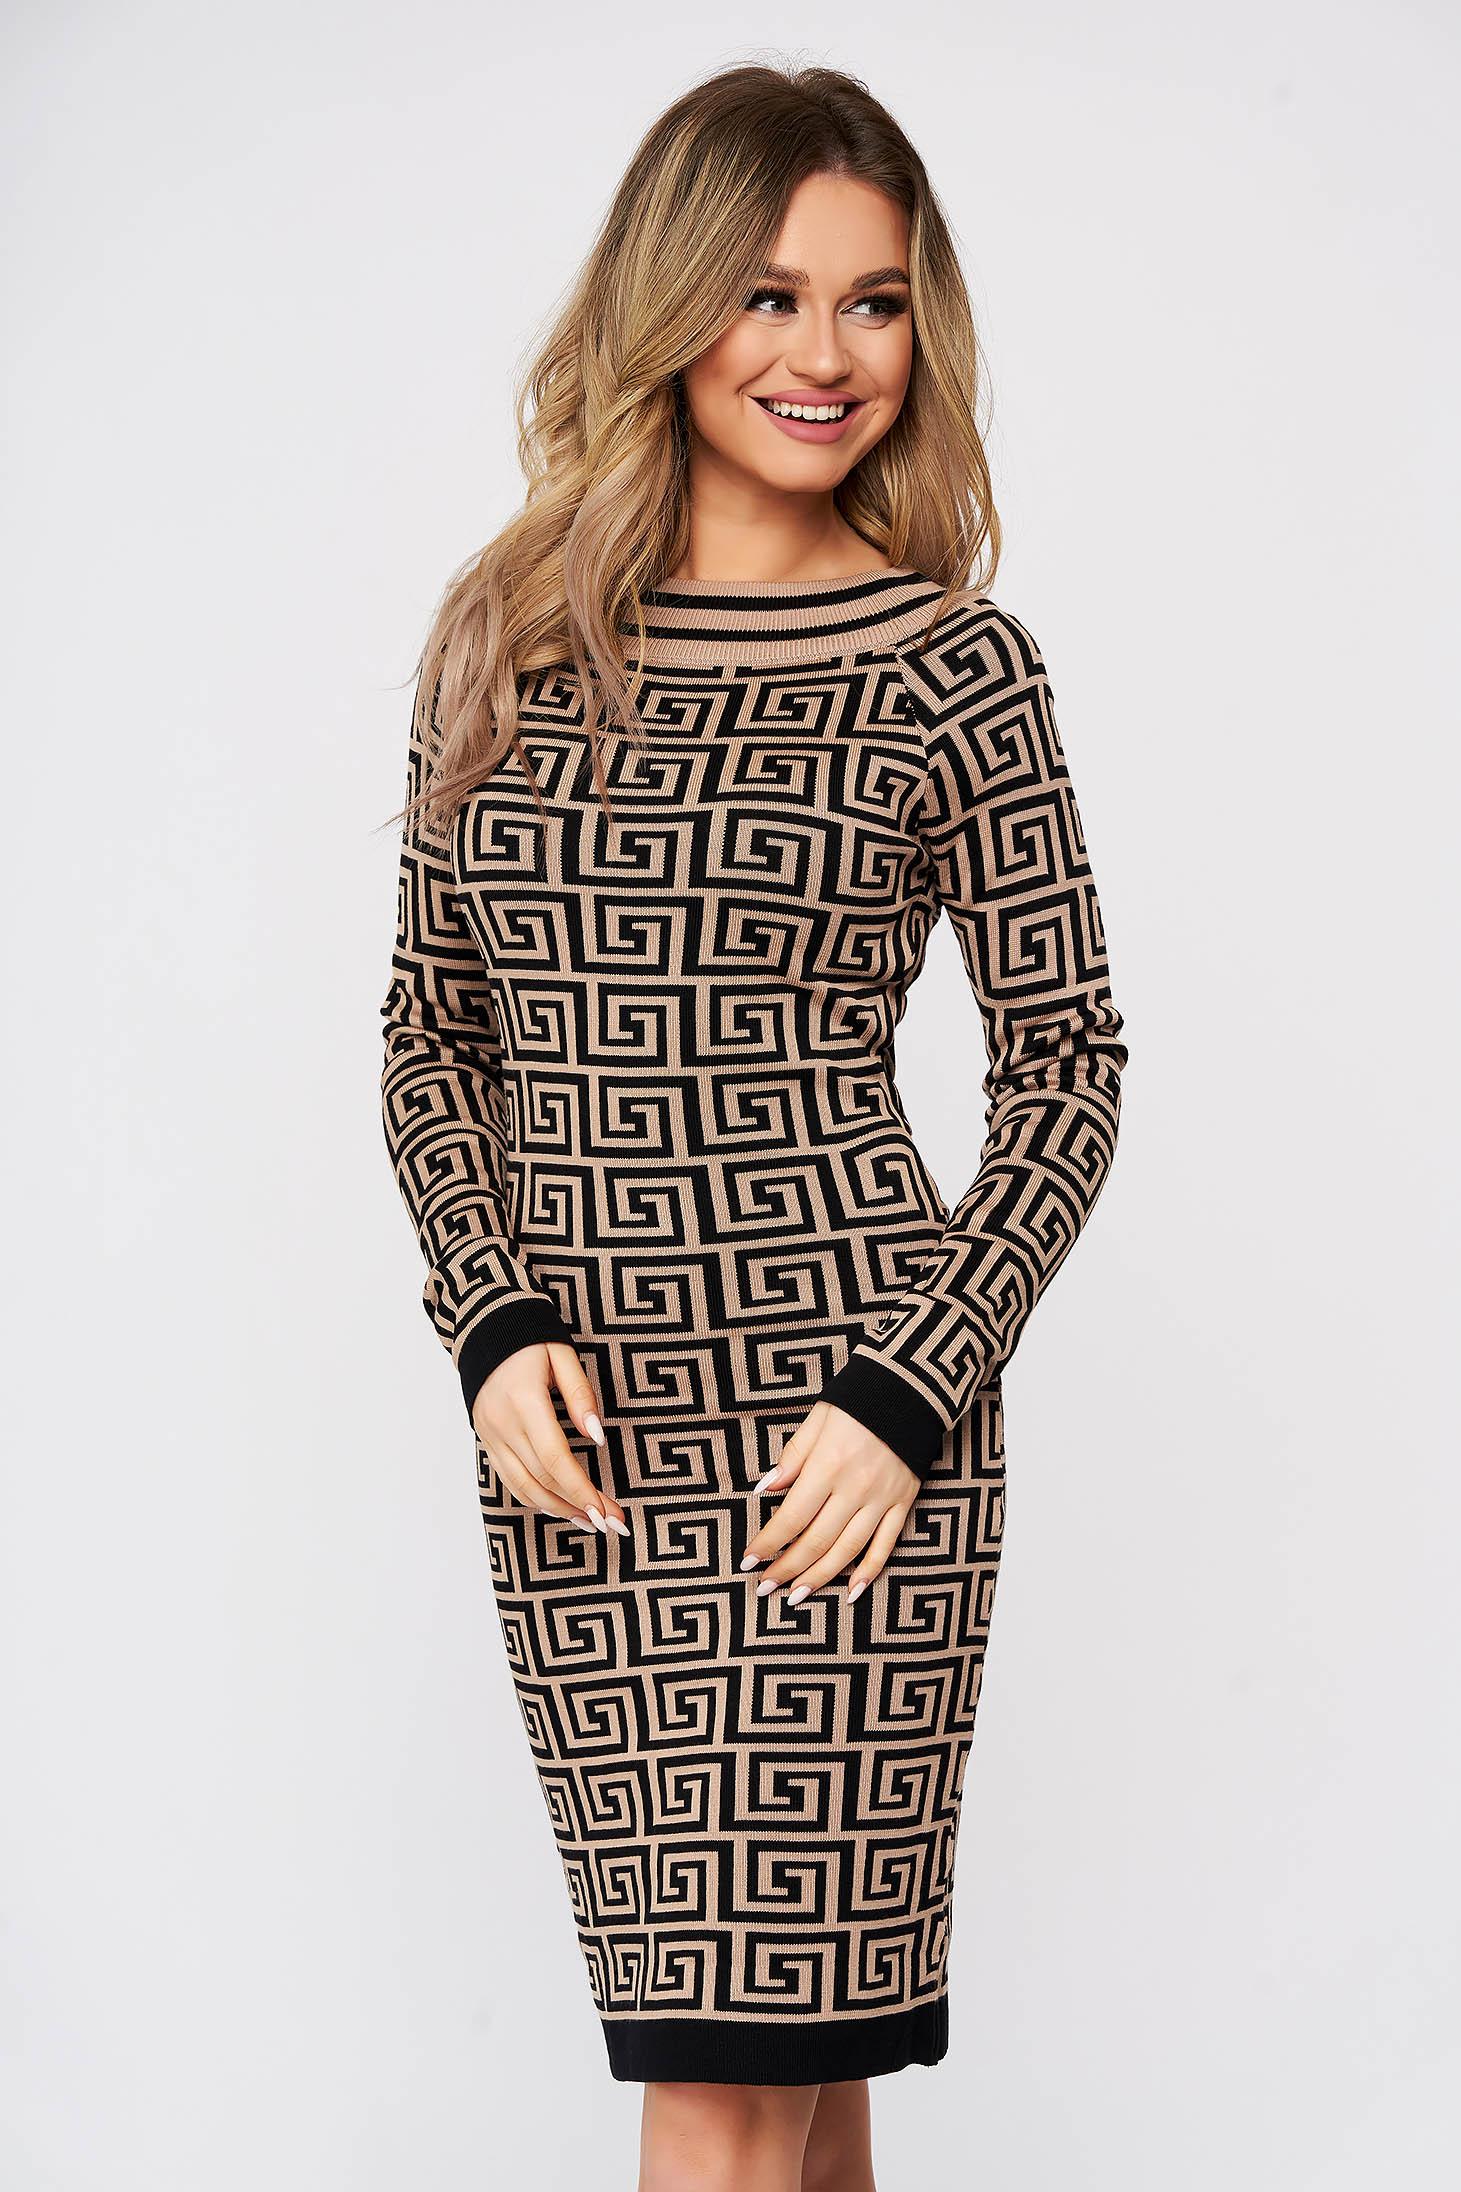 Rochie SunShine maro tricotata din material reiat elastic si fin cu imprimeu grafic si cu un croi mulat